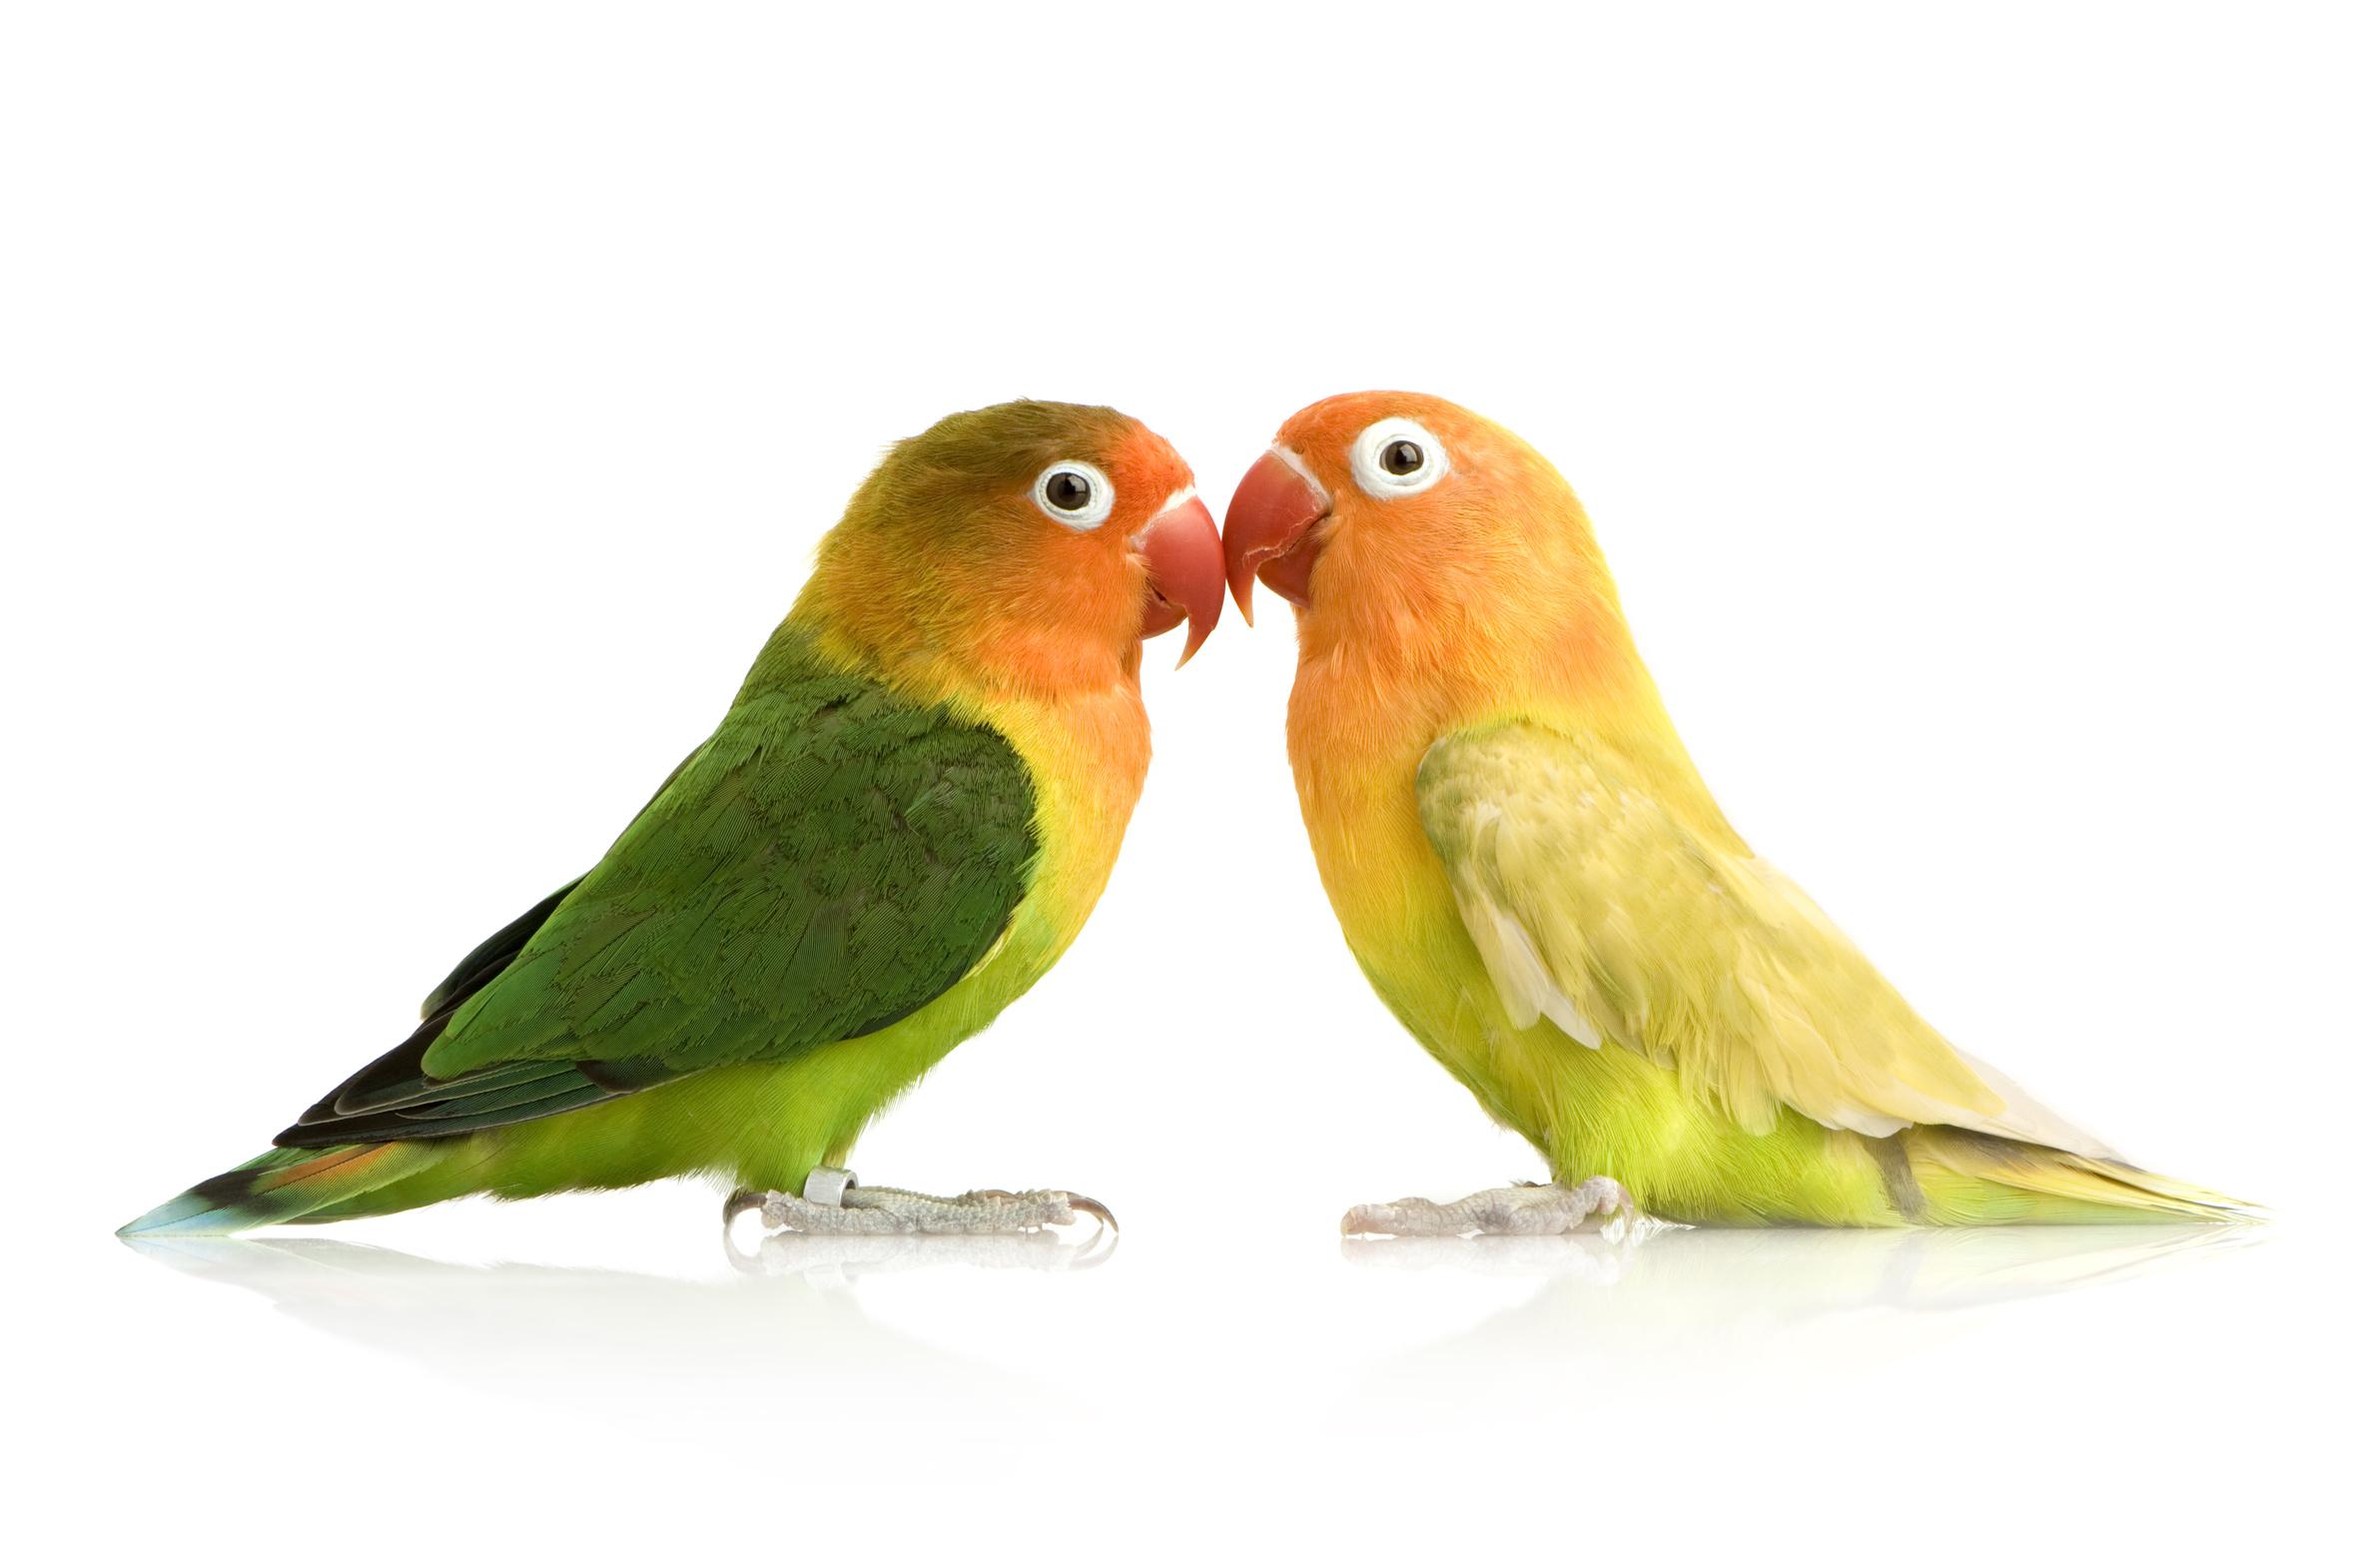 zwei Vögel, auch Unzertrennliche genannt